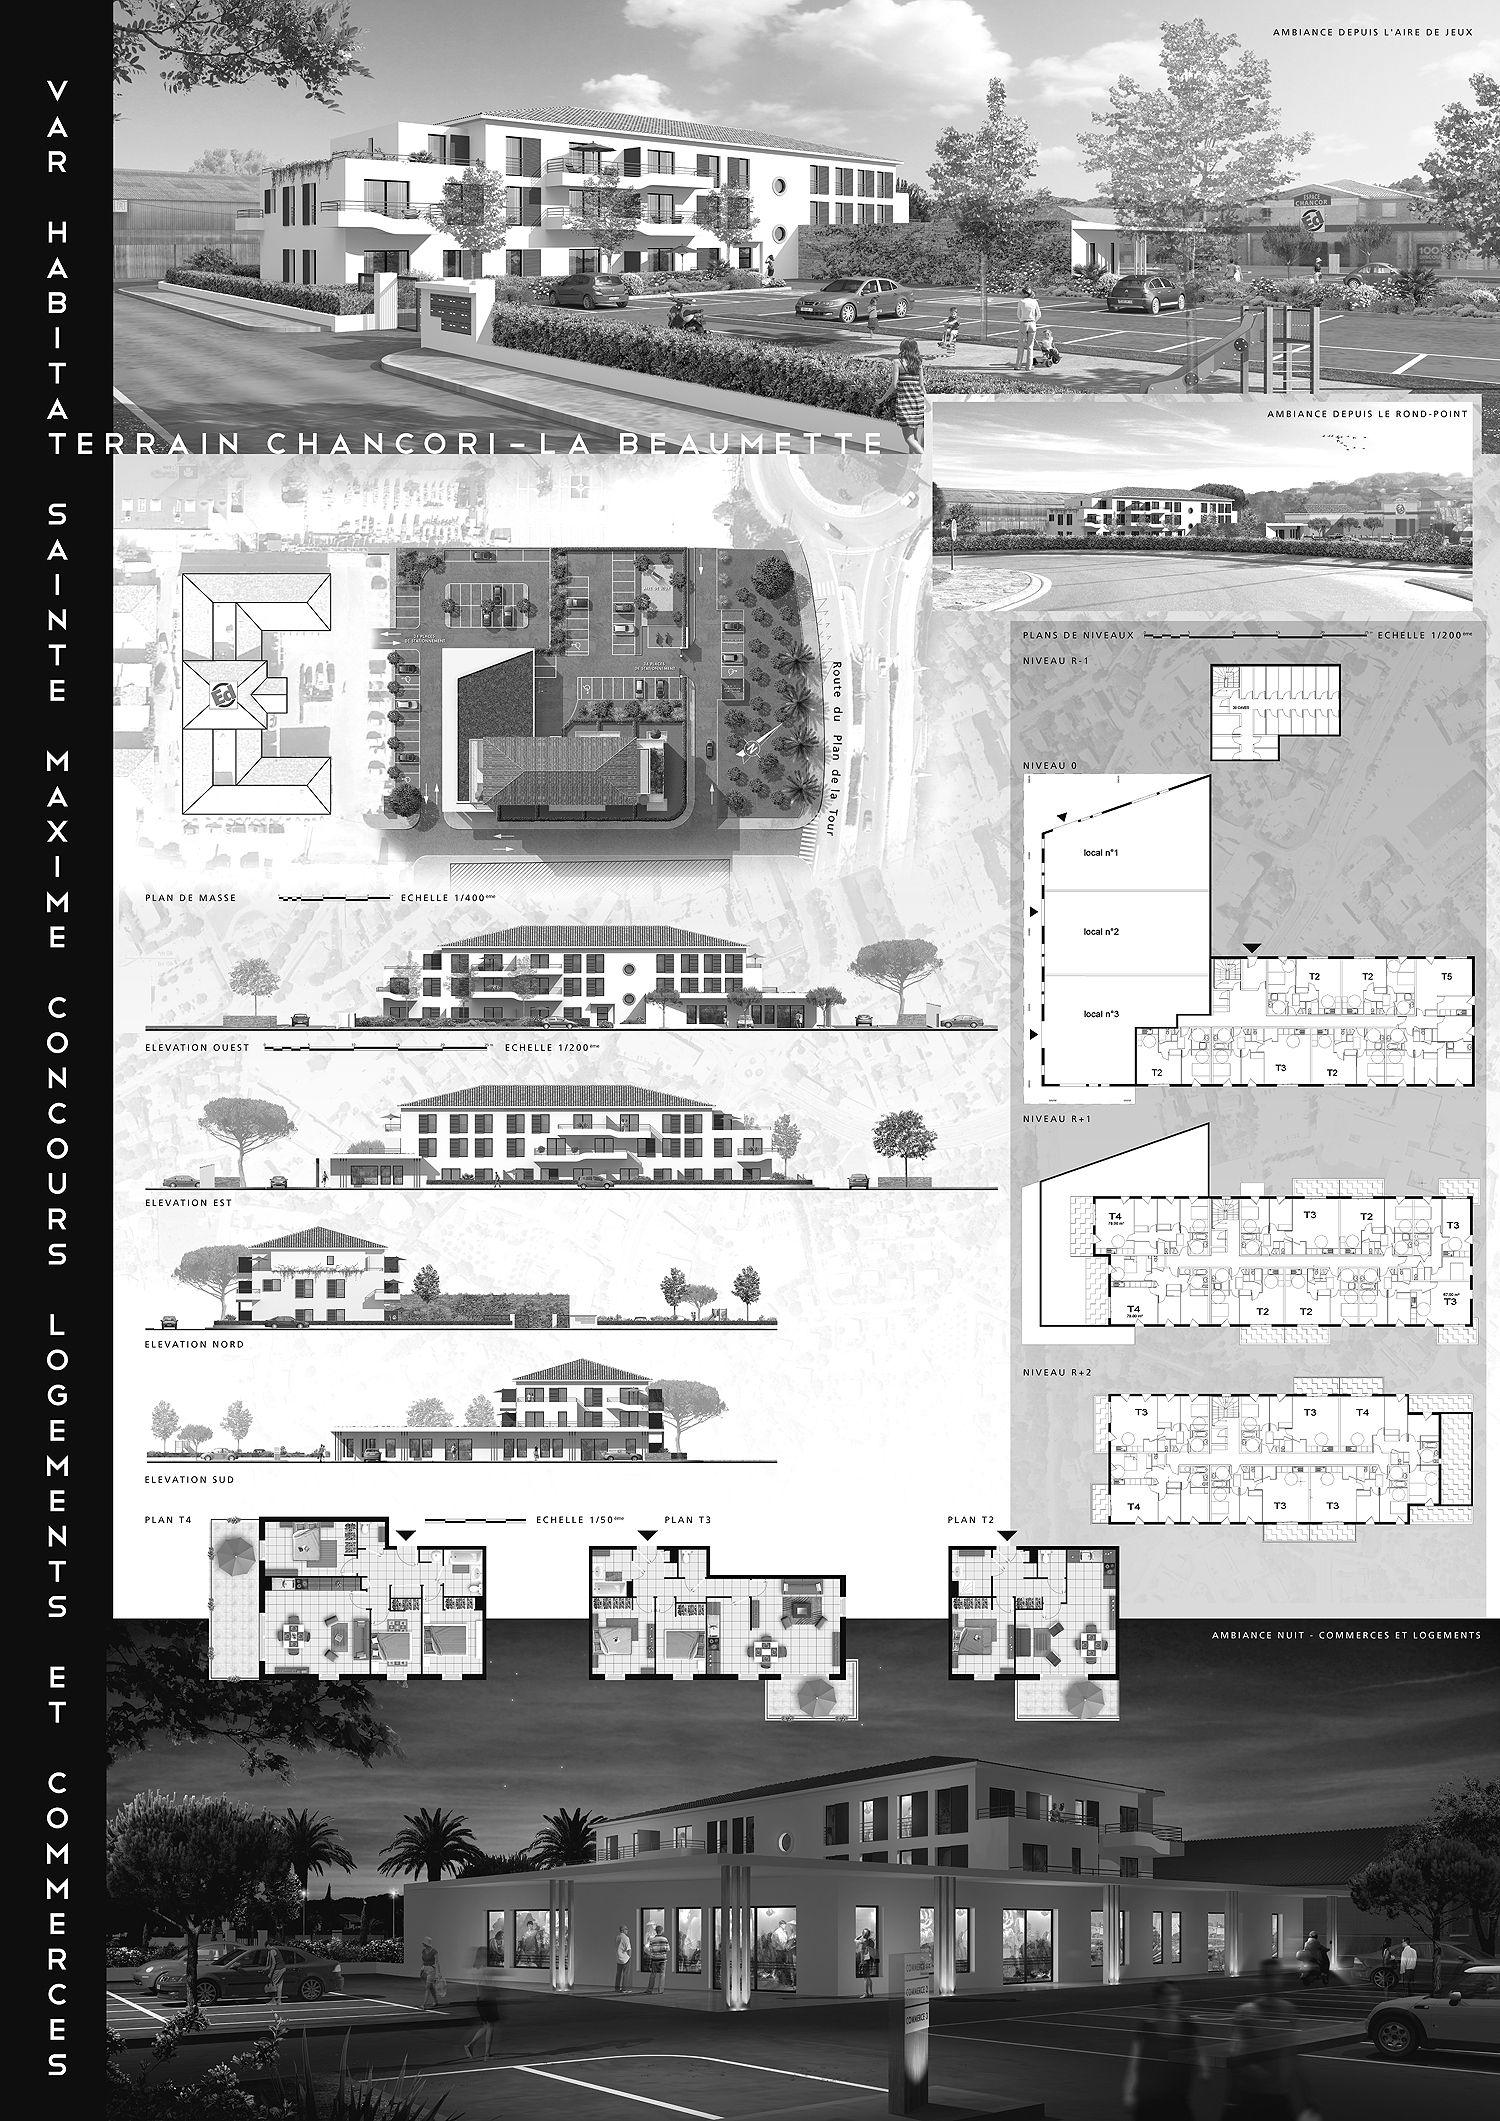 Planche concours 3d architecture attik images projet d 39 architecture p - Planche concours architecture ...